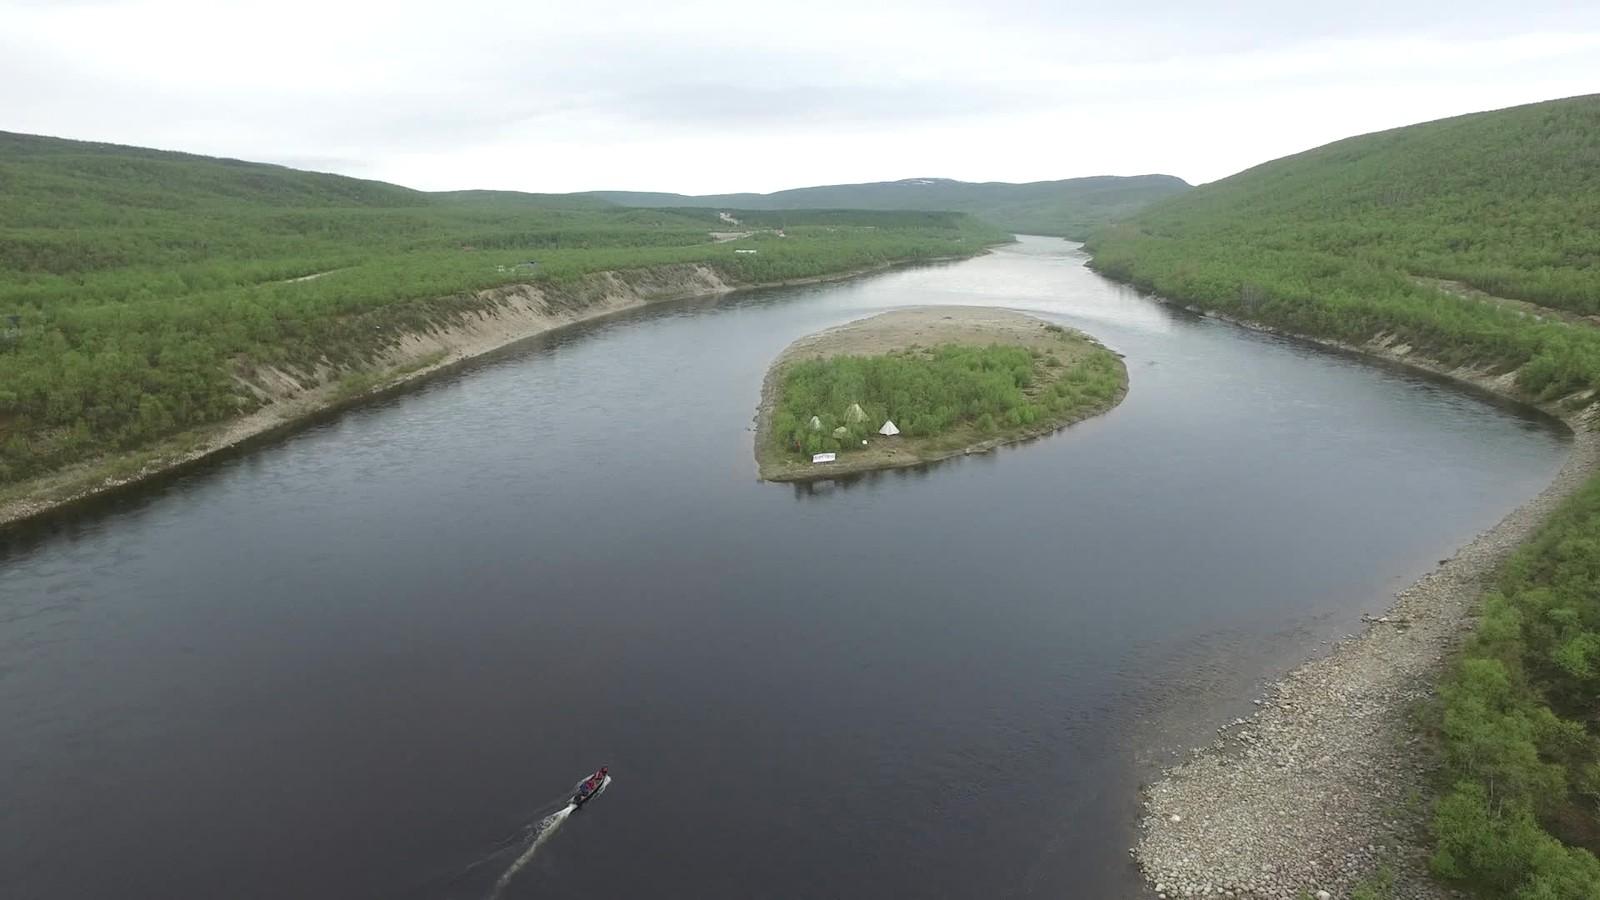 Protestøya ligger idyllisk til i Tanadalen. Ferden med båt og påhengsmotor til øya midt ute i Tanaelva kan imidlertid være noe strabasiøs i ugjestmildt vær. Når NRK er på besøk, er imidlertid værgudene heldigvis i godlune.